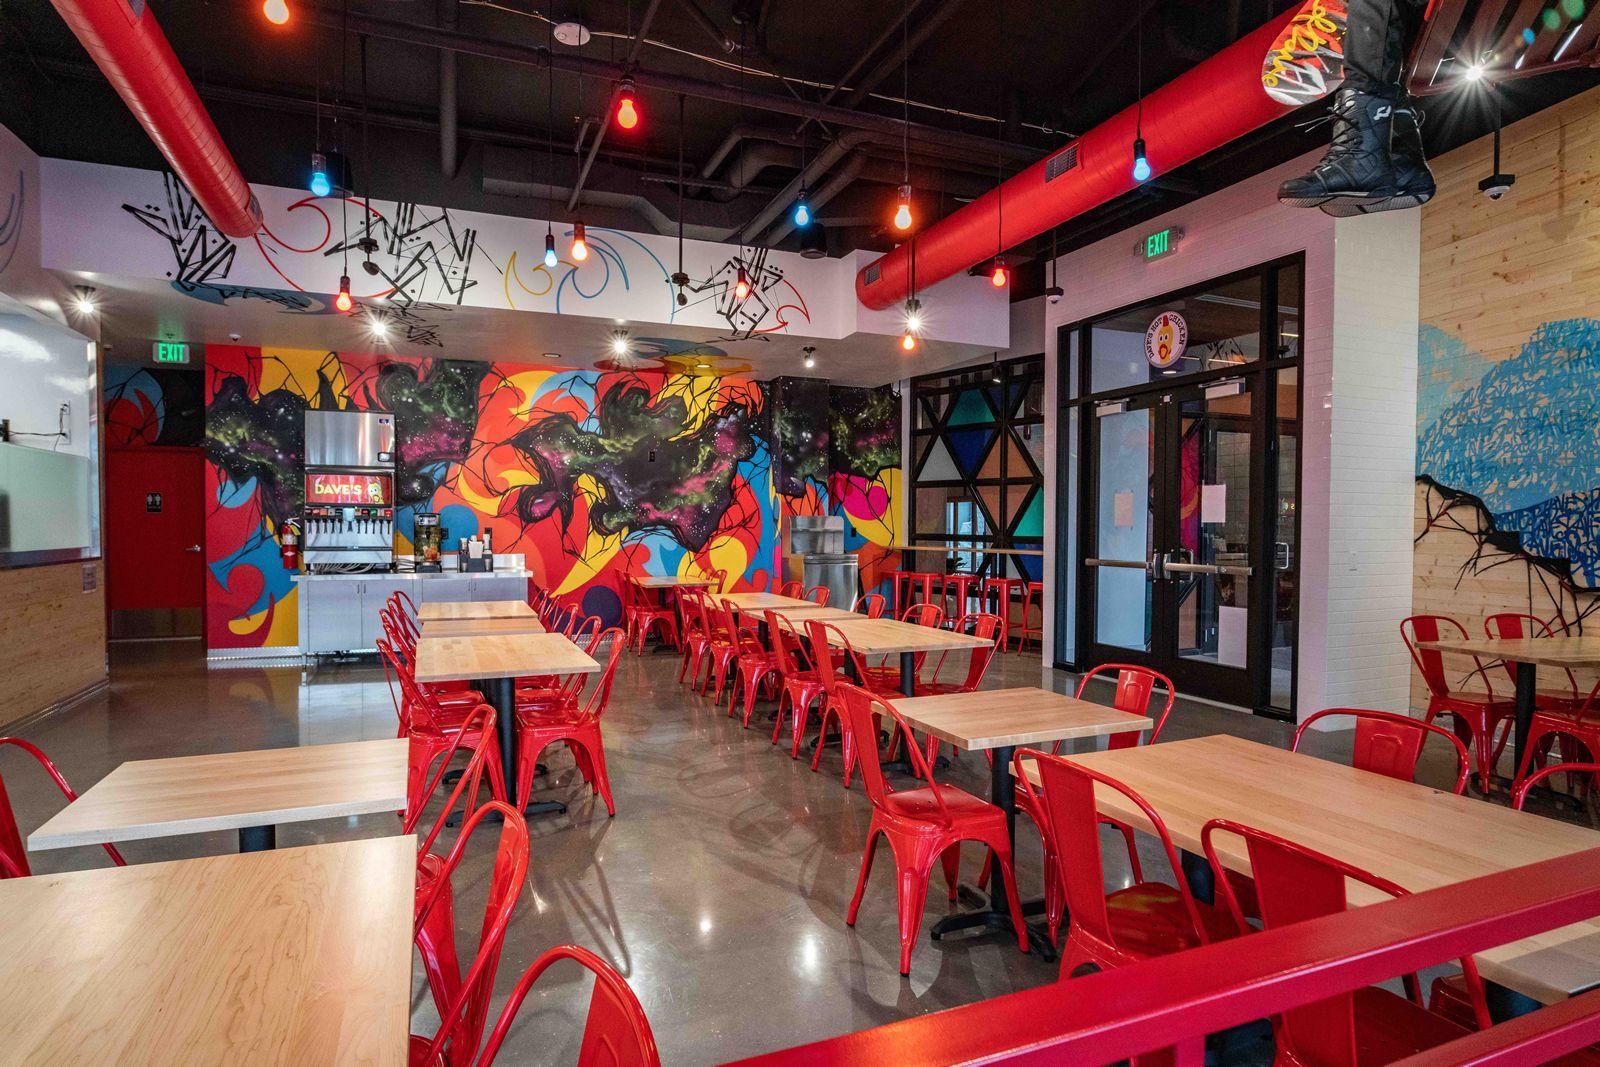 Dave's Hot Chicken ouvre son premier emplacement à Denver